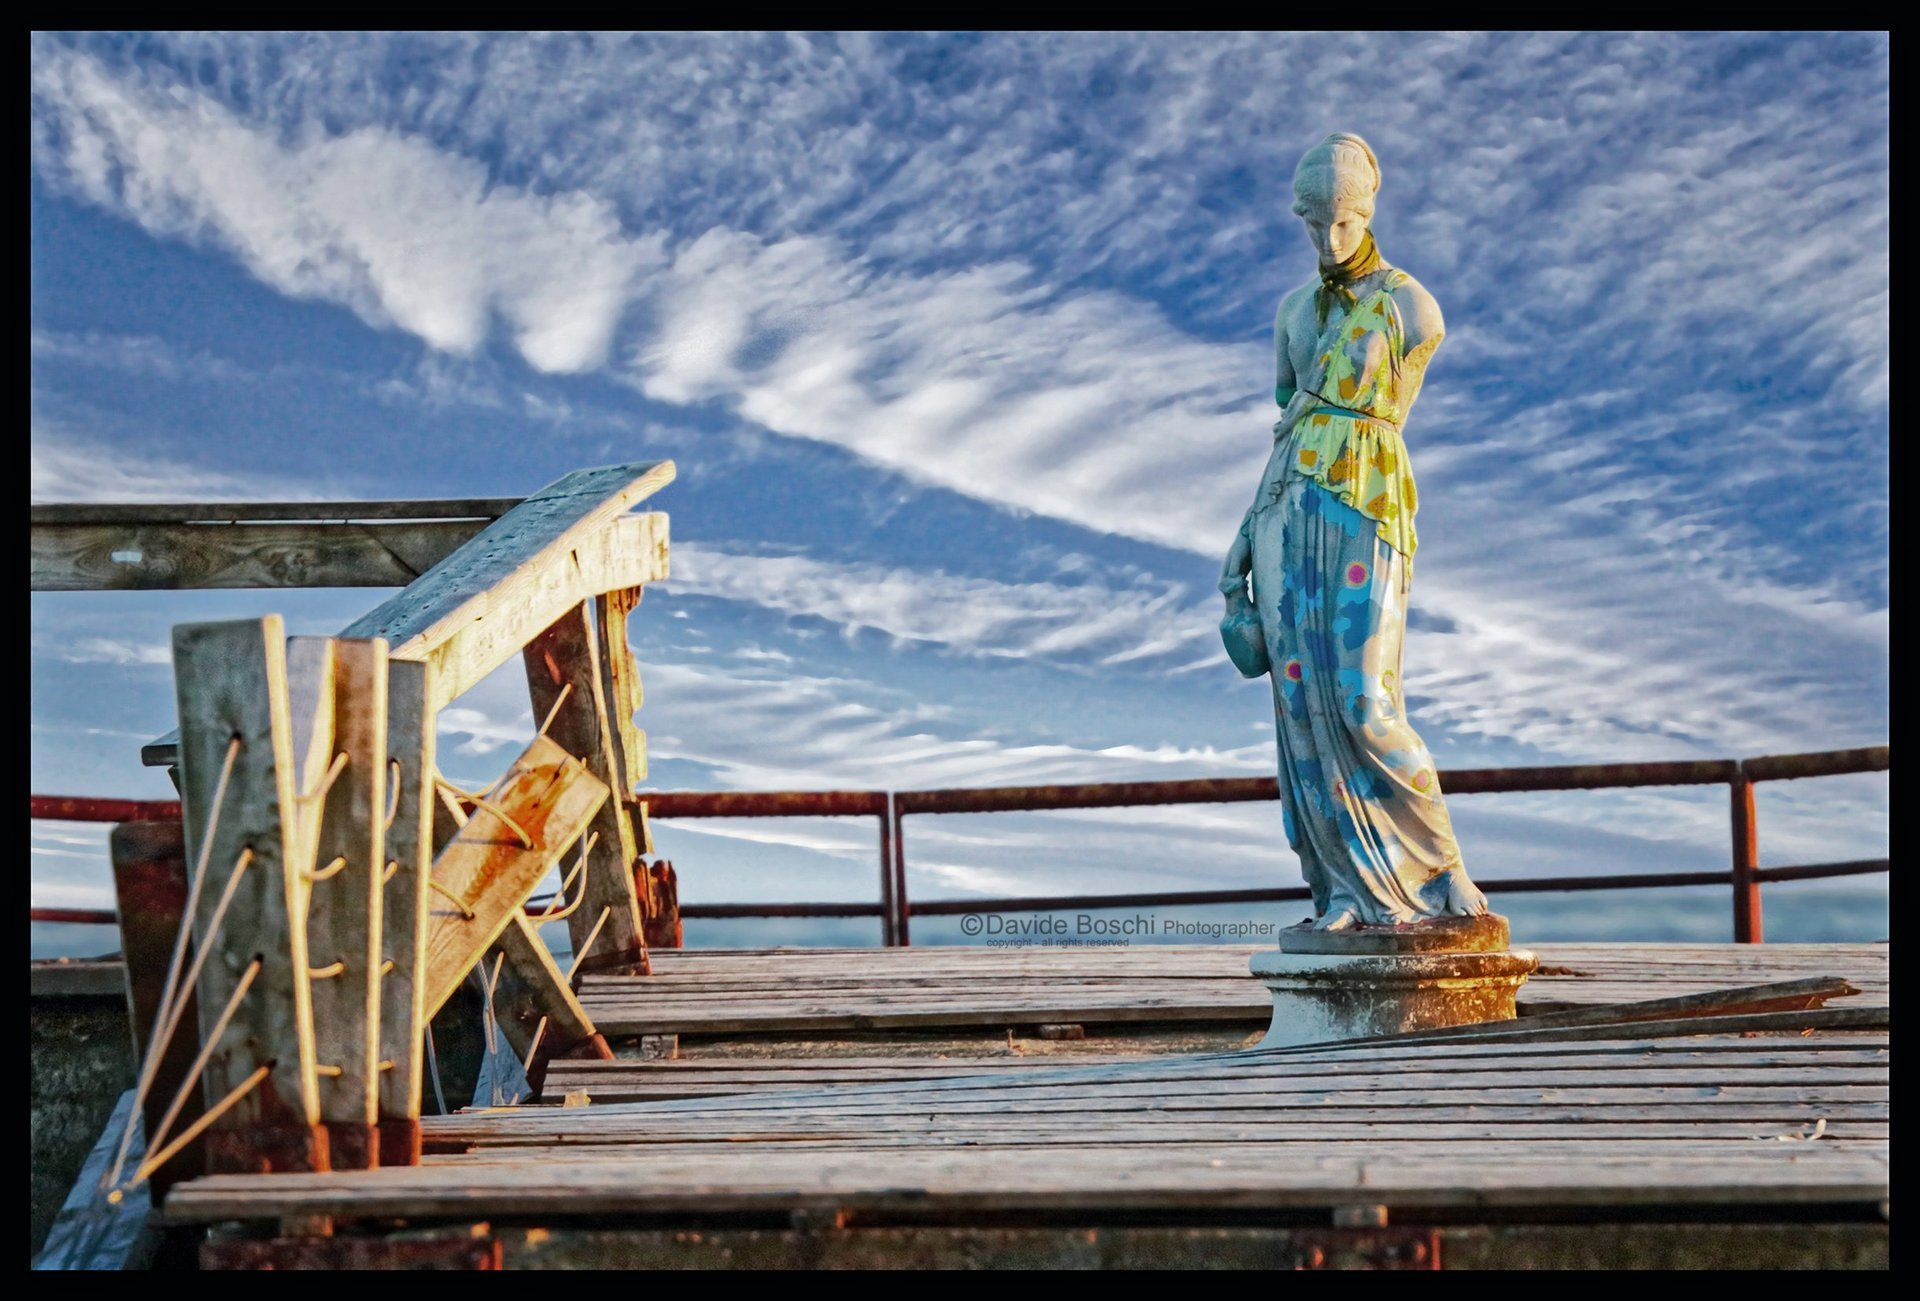 La Venus di Milo vestita e collocata vicino al mare